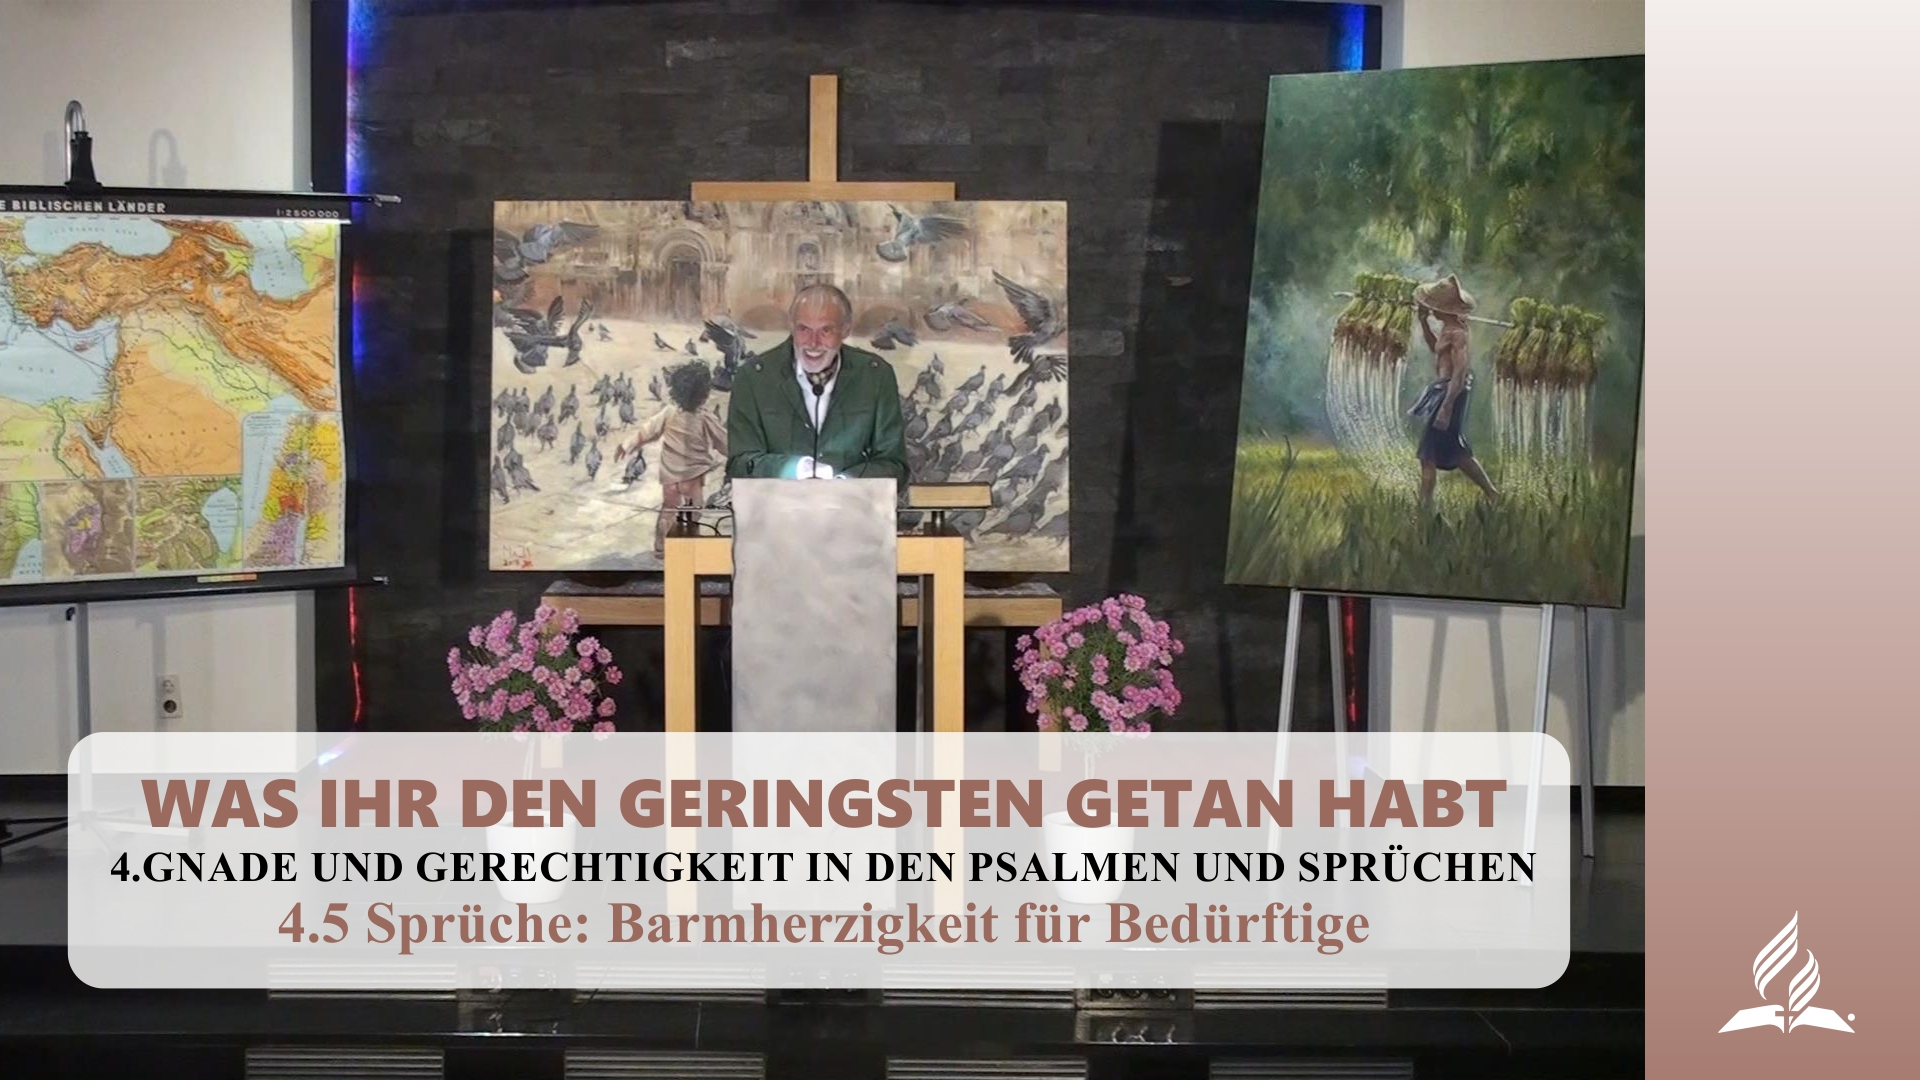 4.5 Sprüche-Barmherzigkeit für Bedürftige – GNADE UND GERECHTIGKEIT IN DEN PSALMEN UND SPRÜCHEN | Pastor Mag. Kurt Piesslinger